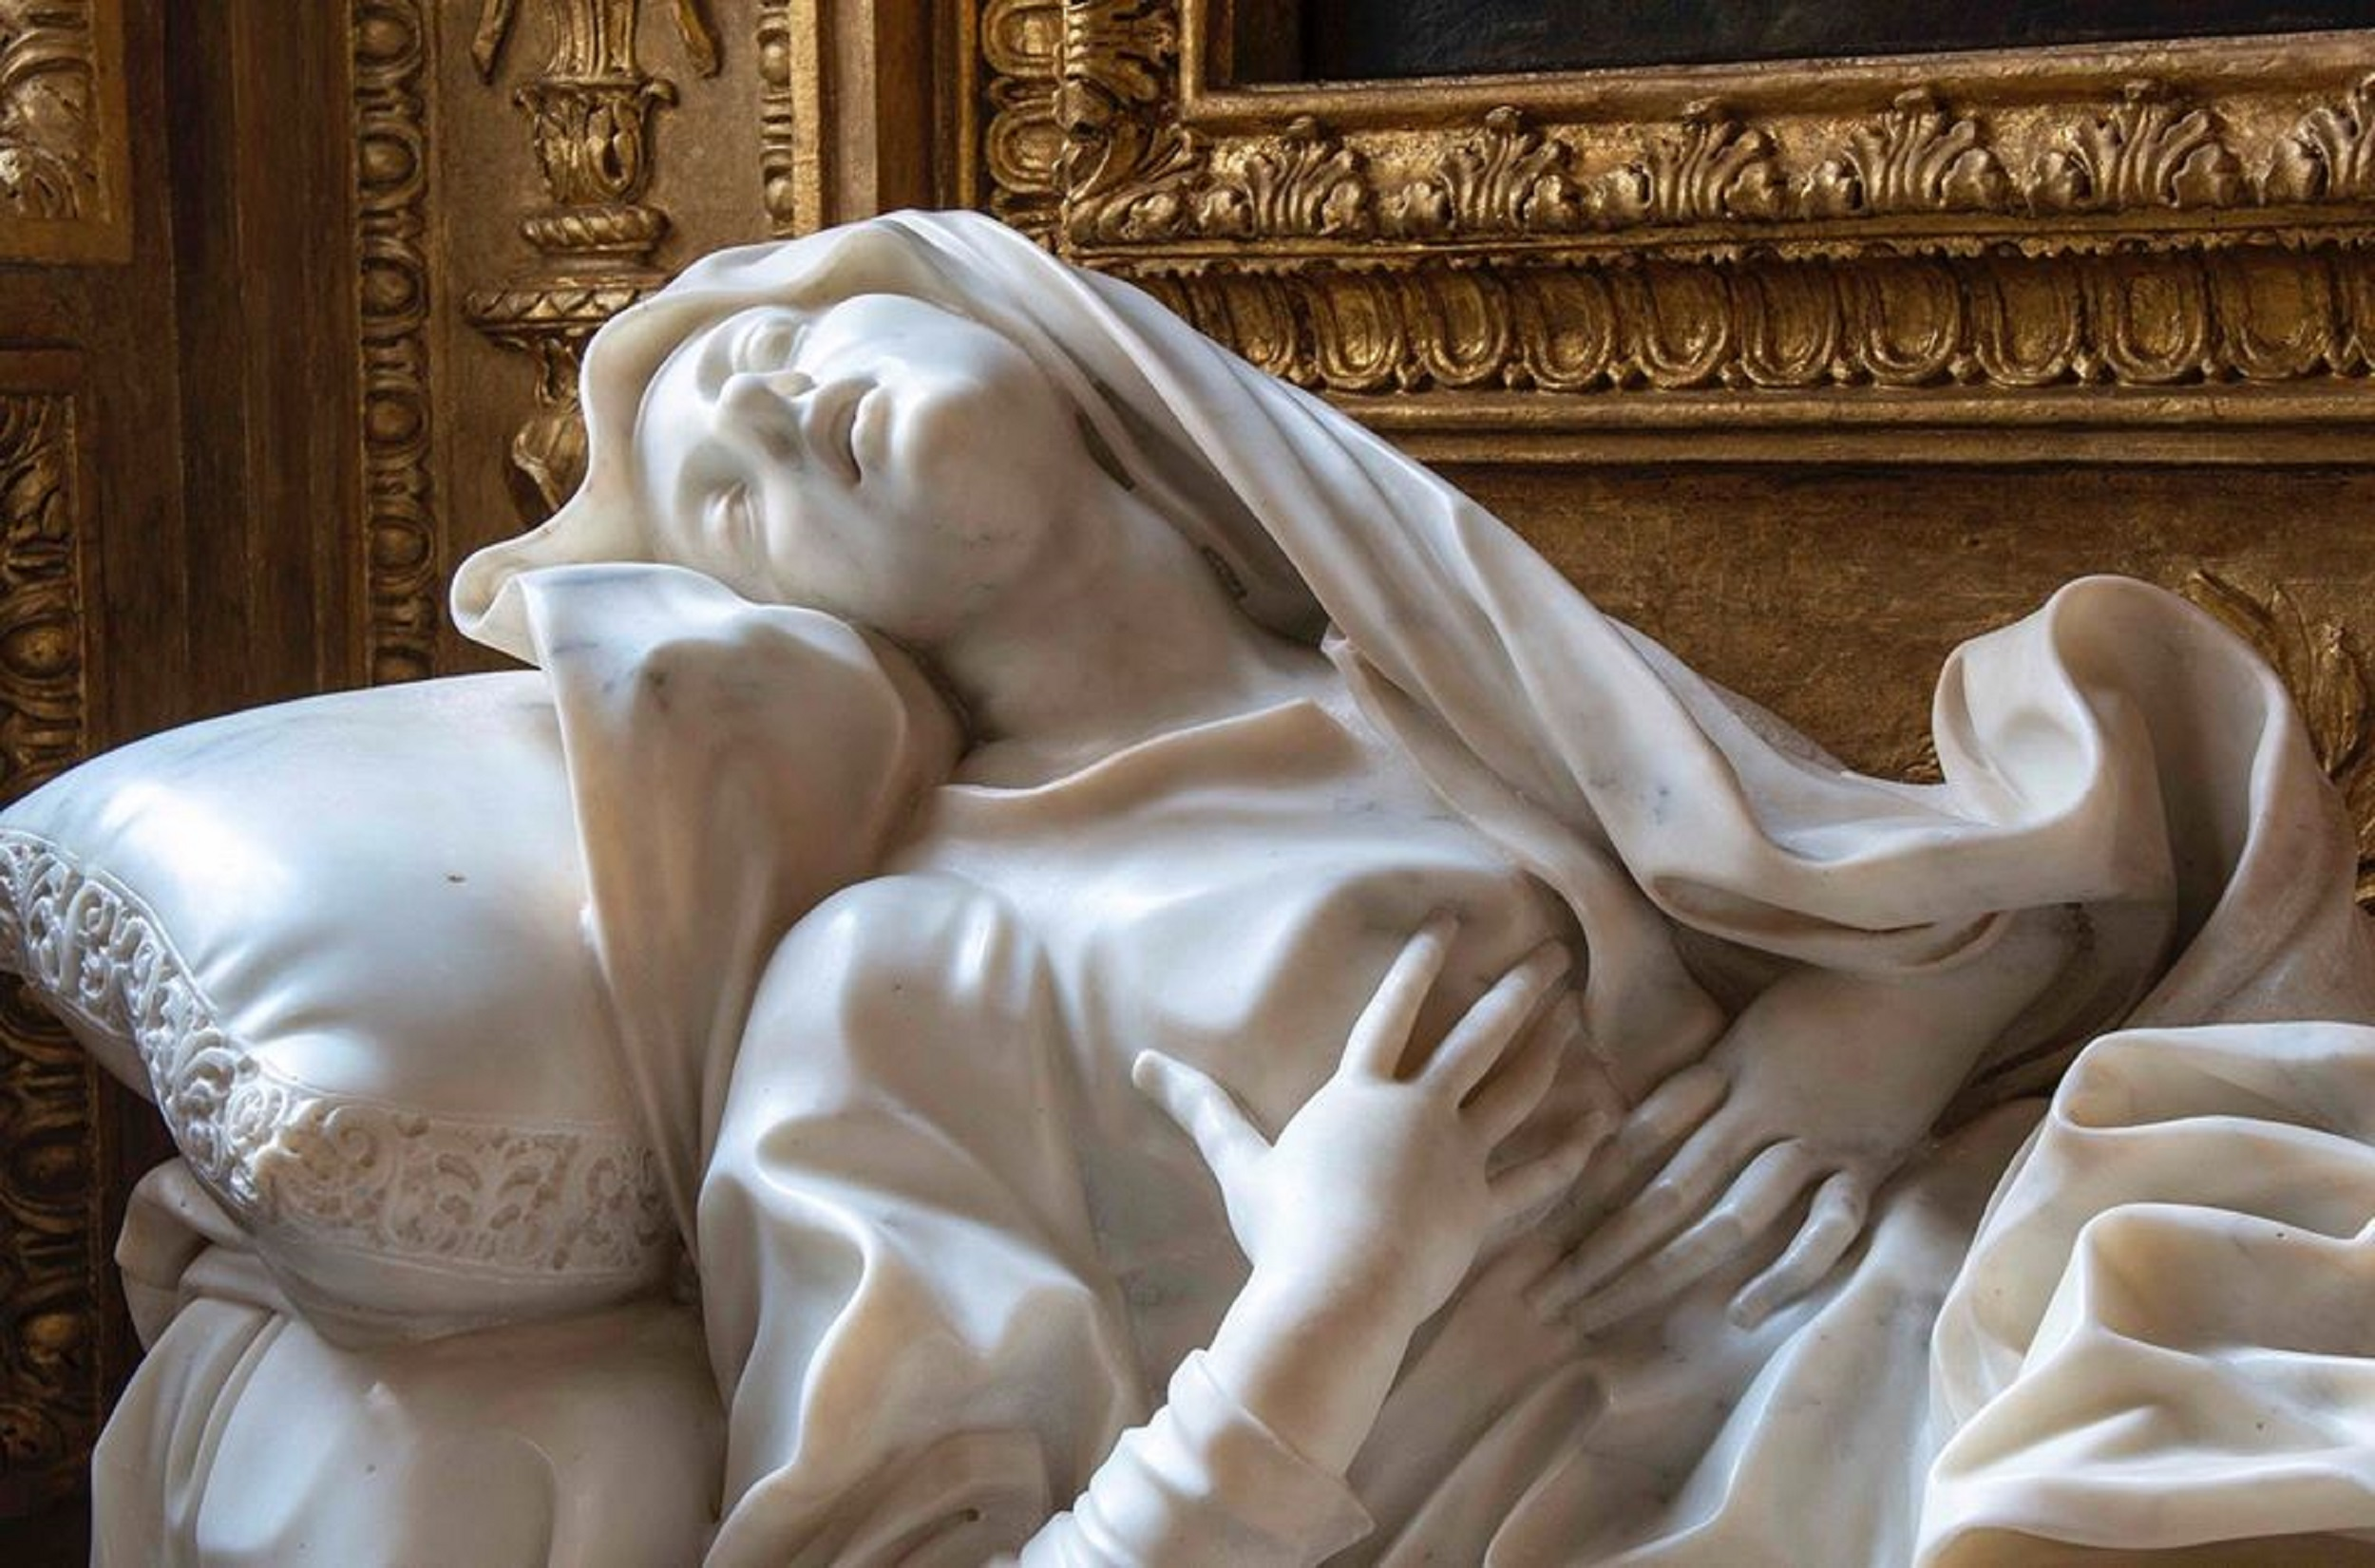 Roma, torna all'antico splendore la Beata Ludovica Albertoni, capolavoro barocco di Bernini